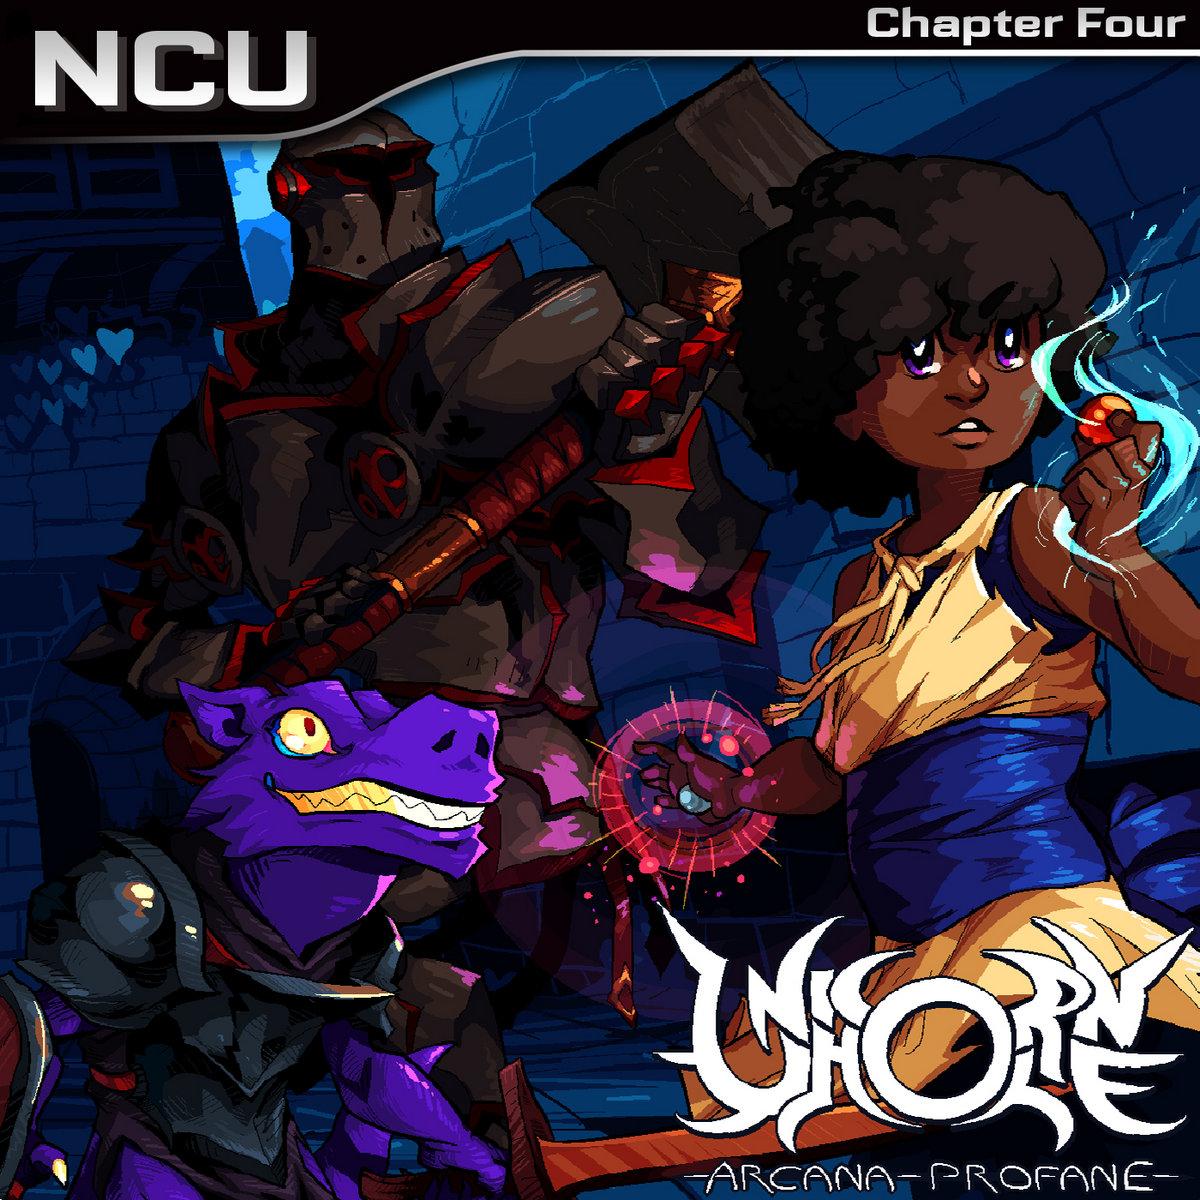 Unicorn Hole - Arcana Profane (2017)